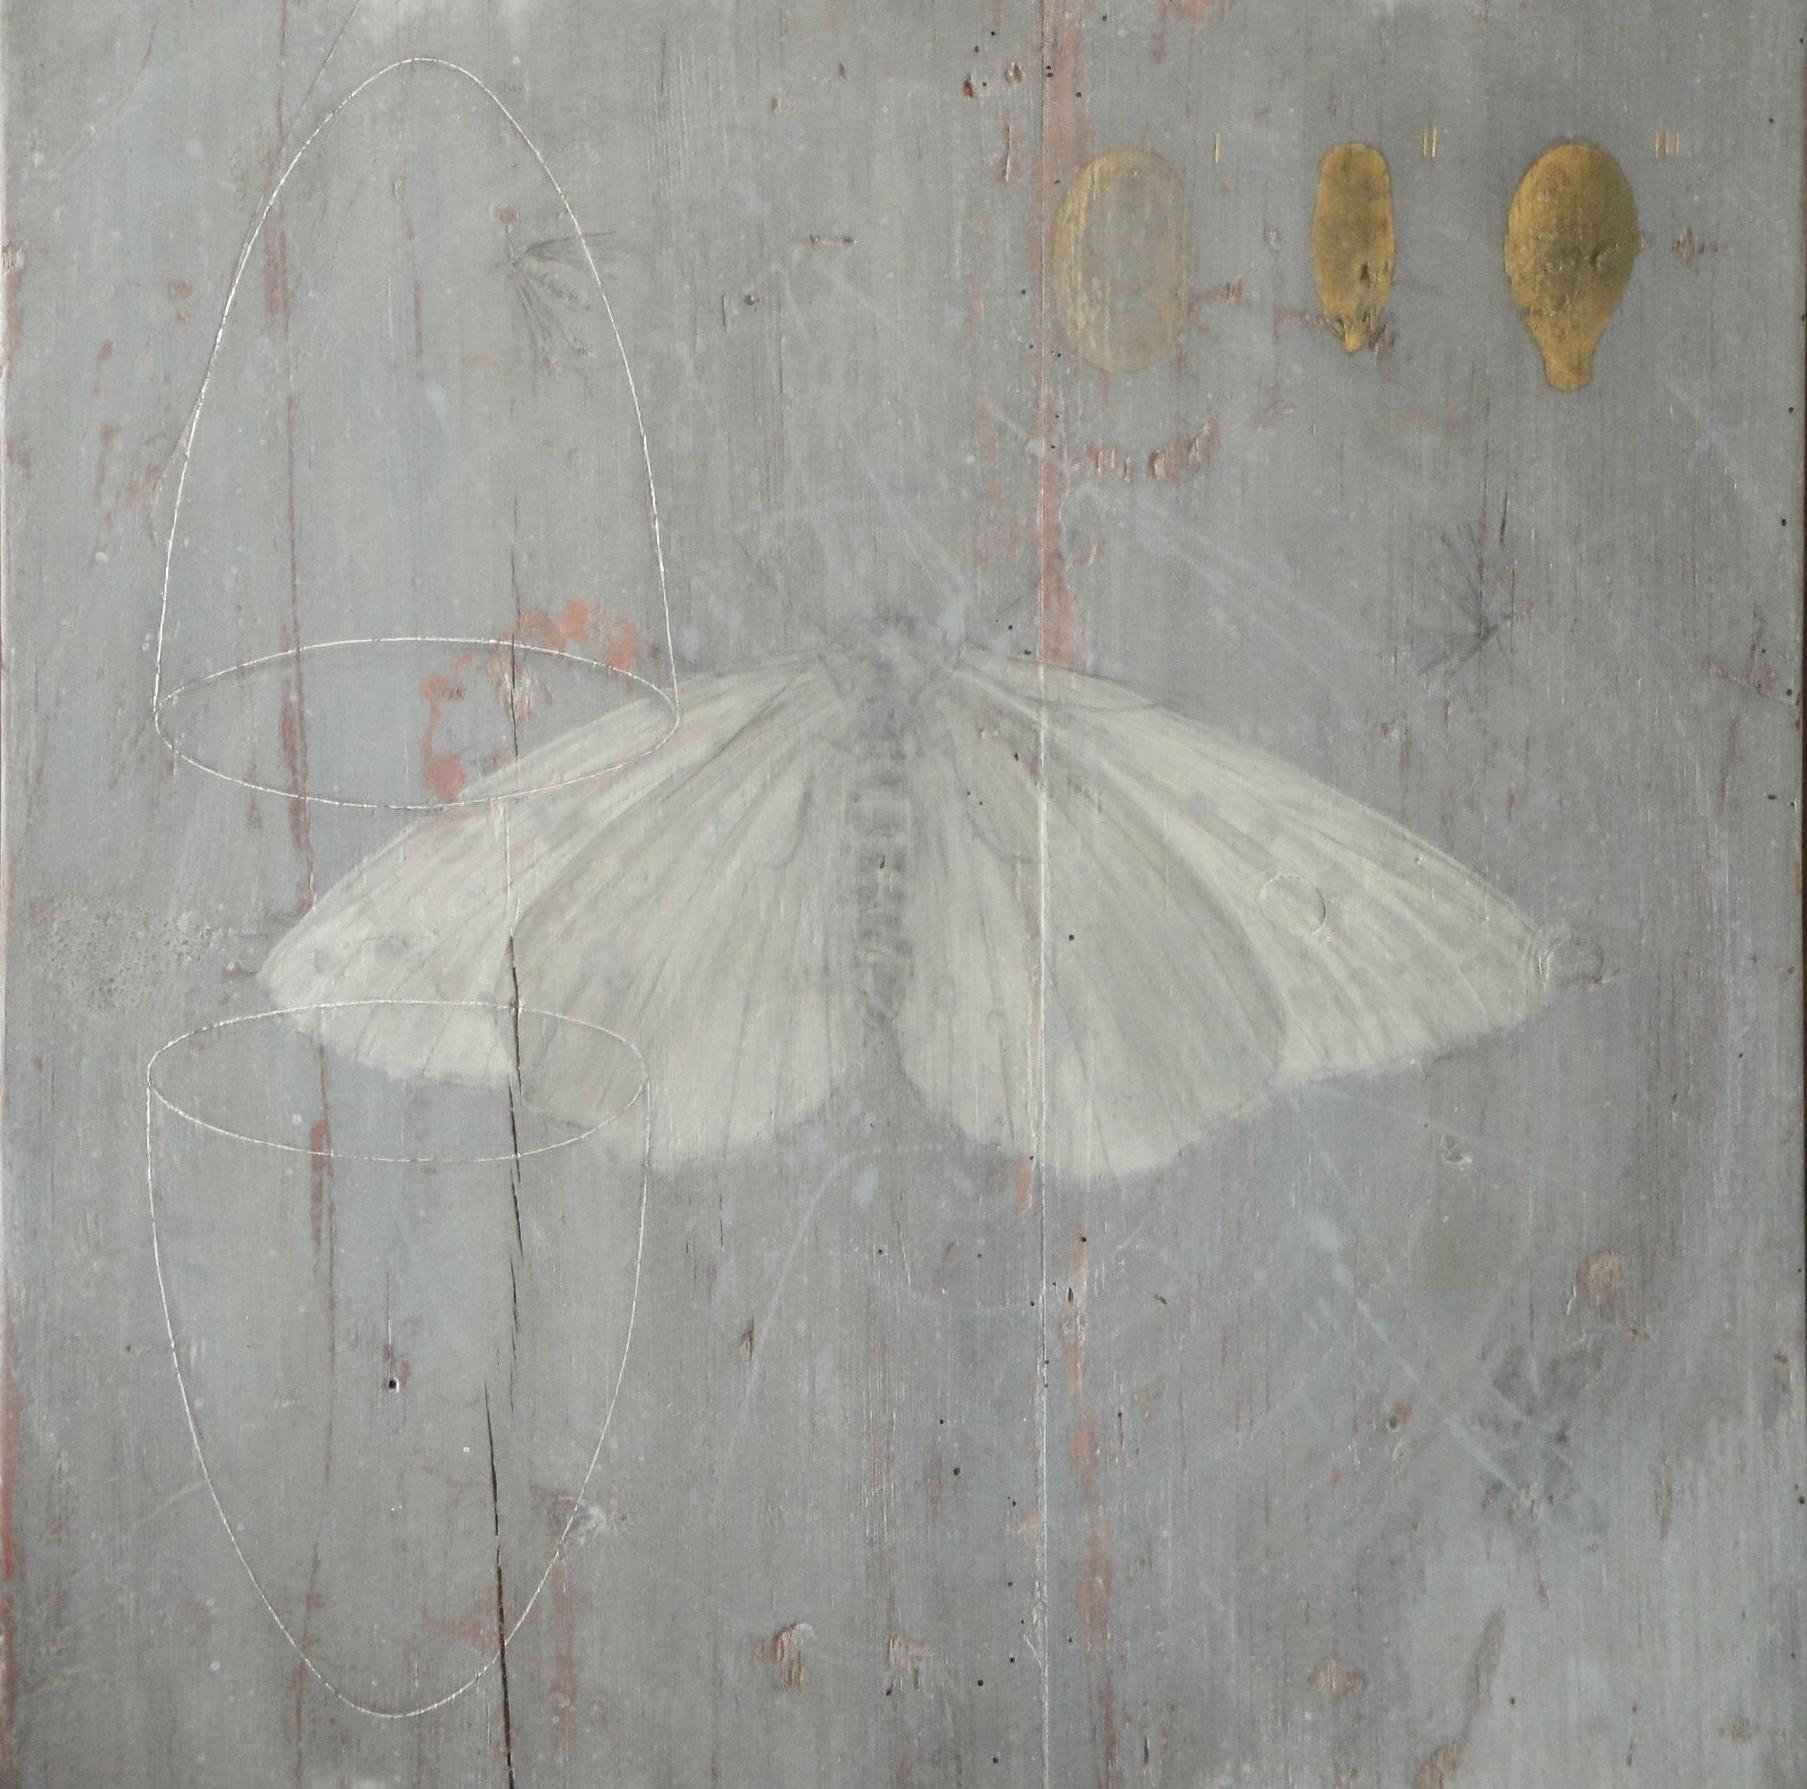 Endurance I - egg tempera, gold leaf on wooden panel 46 x 46 cm